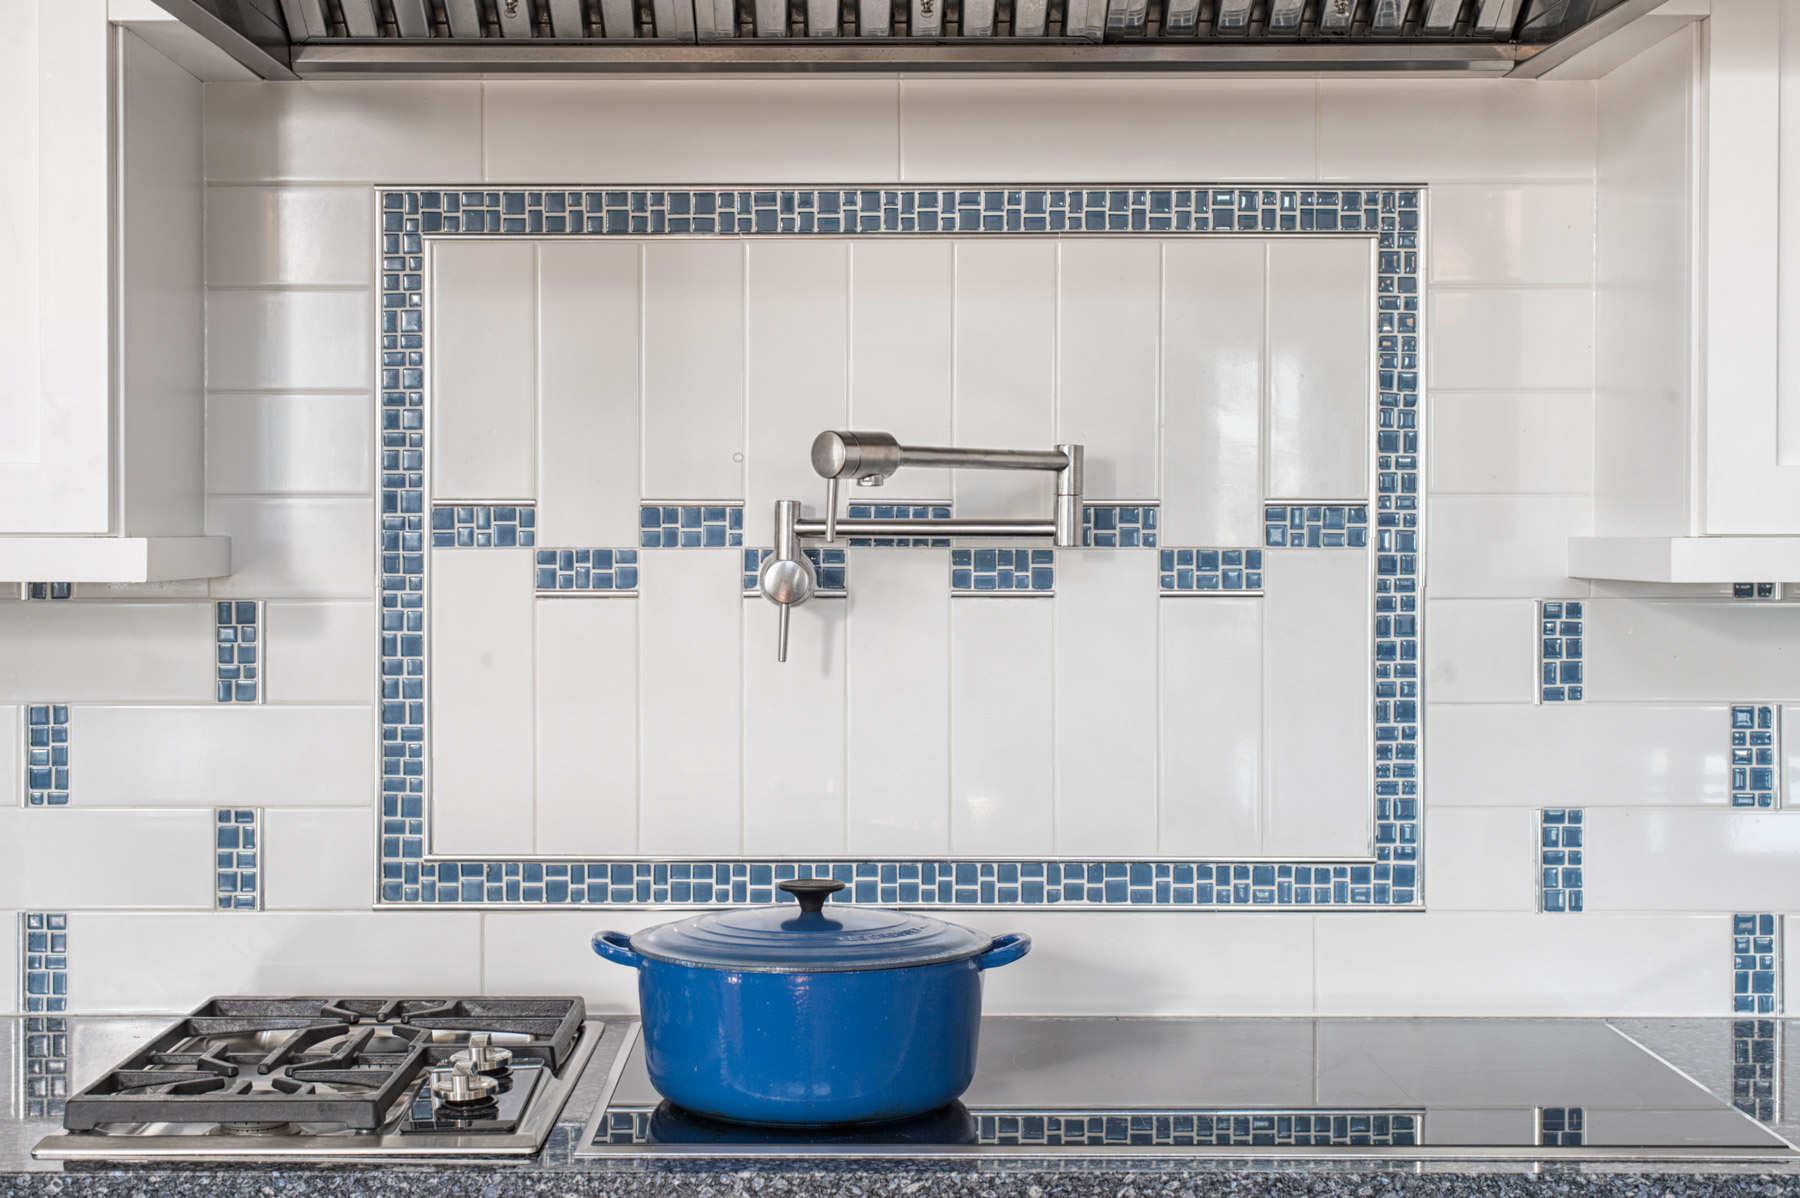 parker-kitchen-designed-by-michelle-ku-at-ku-interior-design-v1